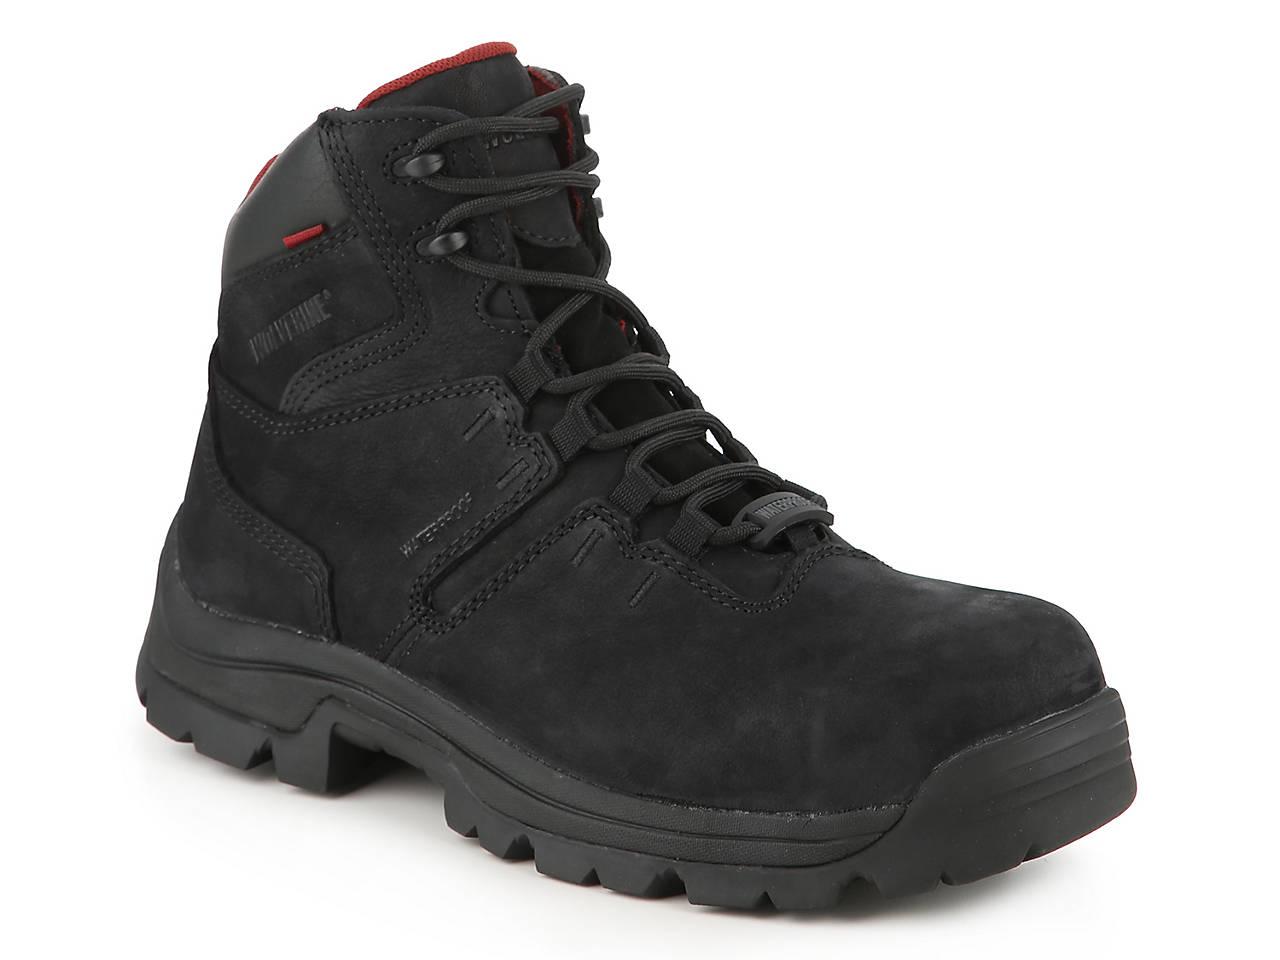 5905602c752 Bonaventure Steel Toe Work Boot